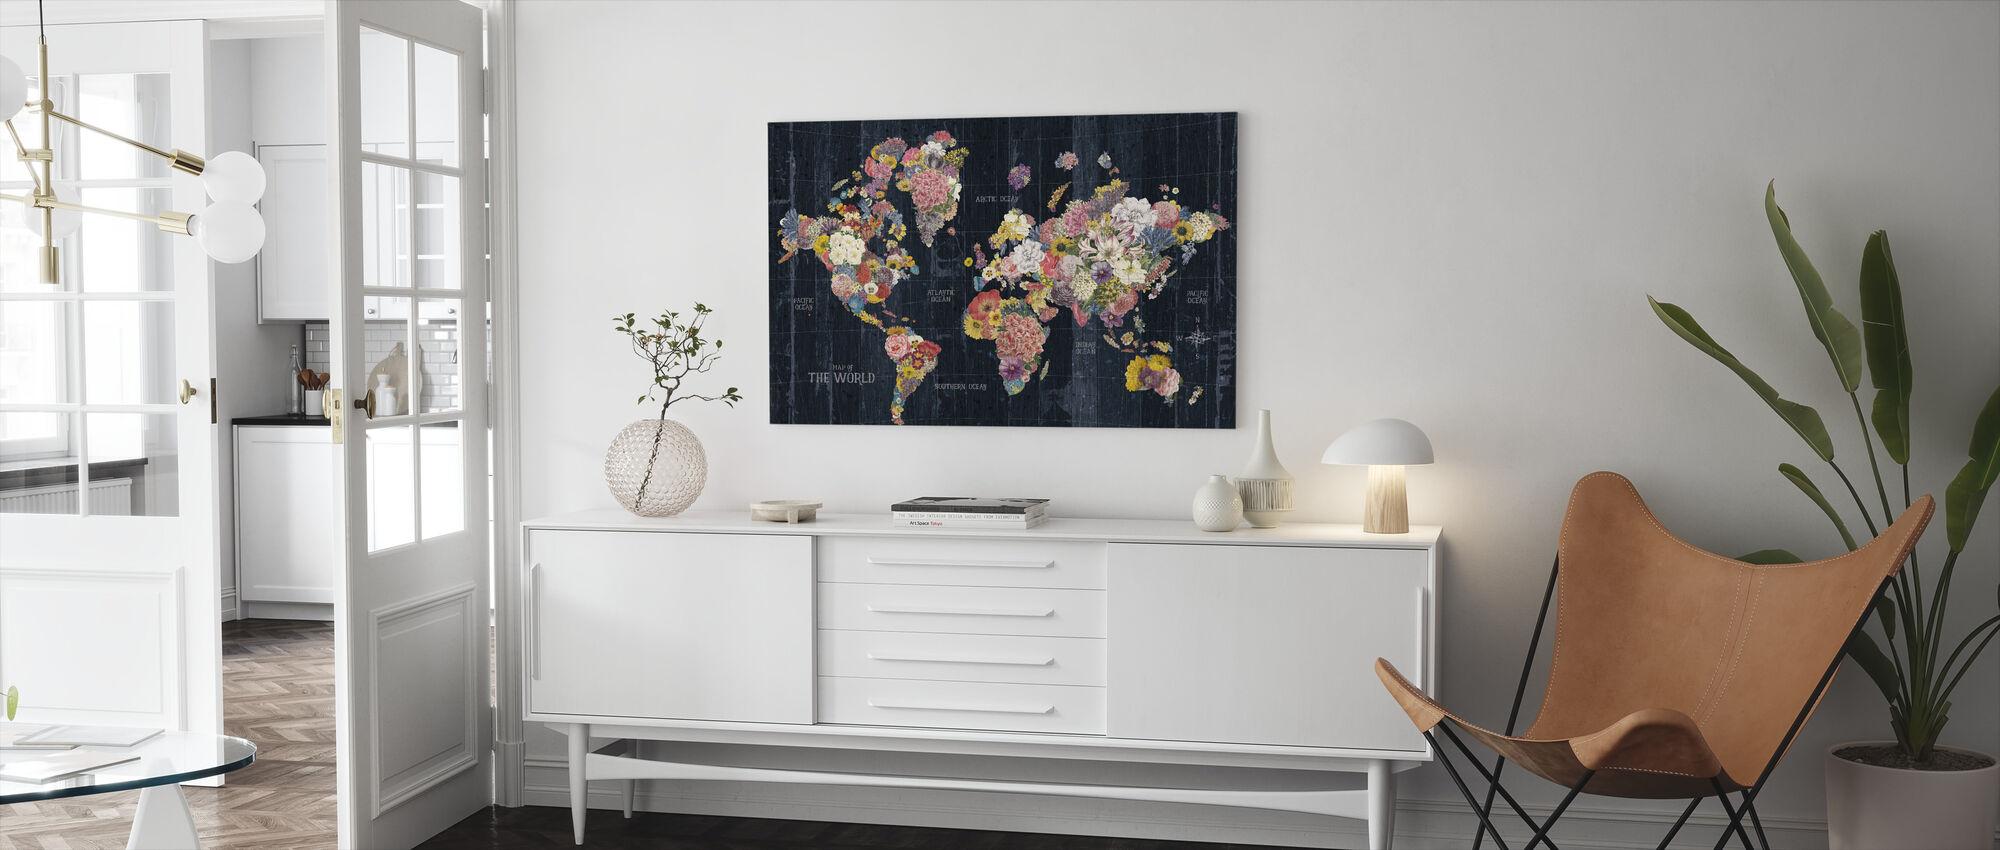 Mots de carte florale botanique - Impression sur toile - Salle à manger